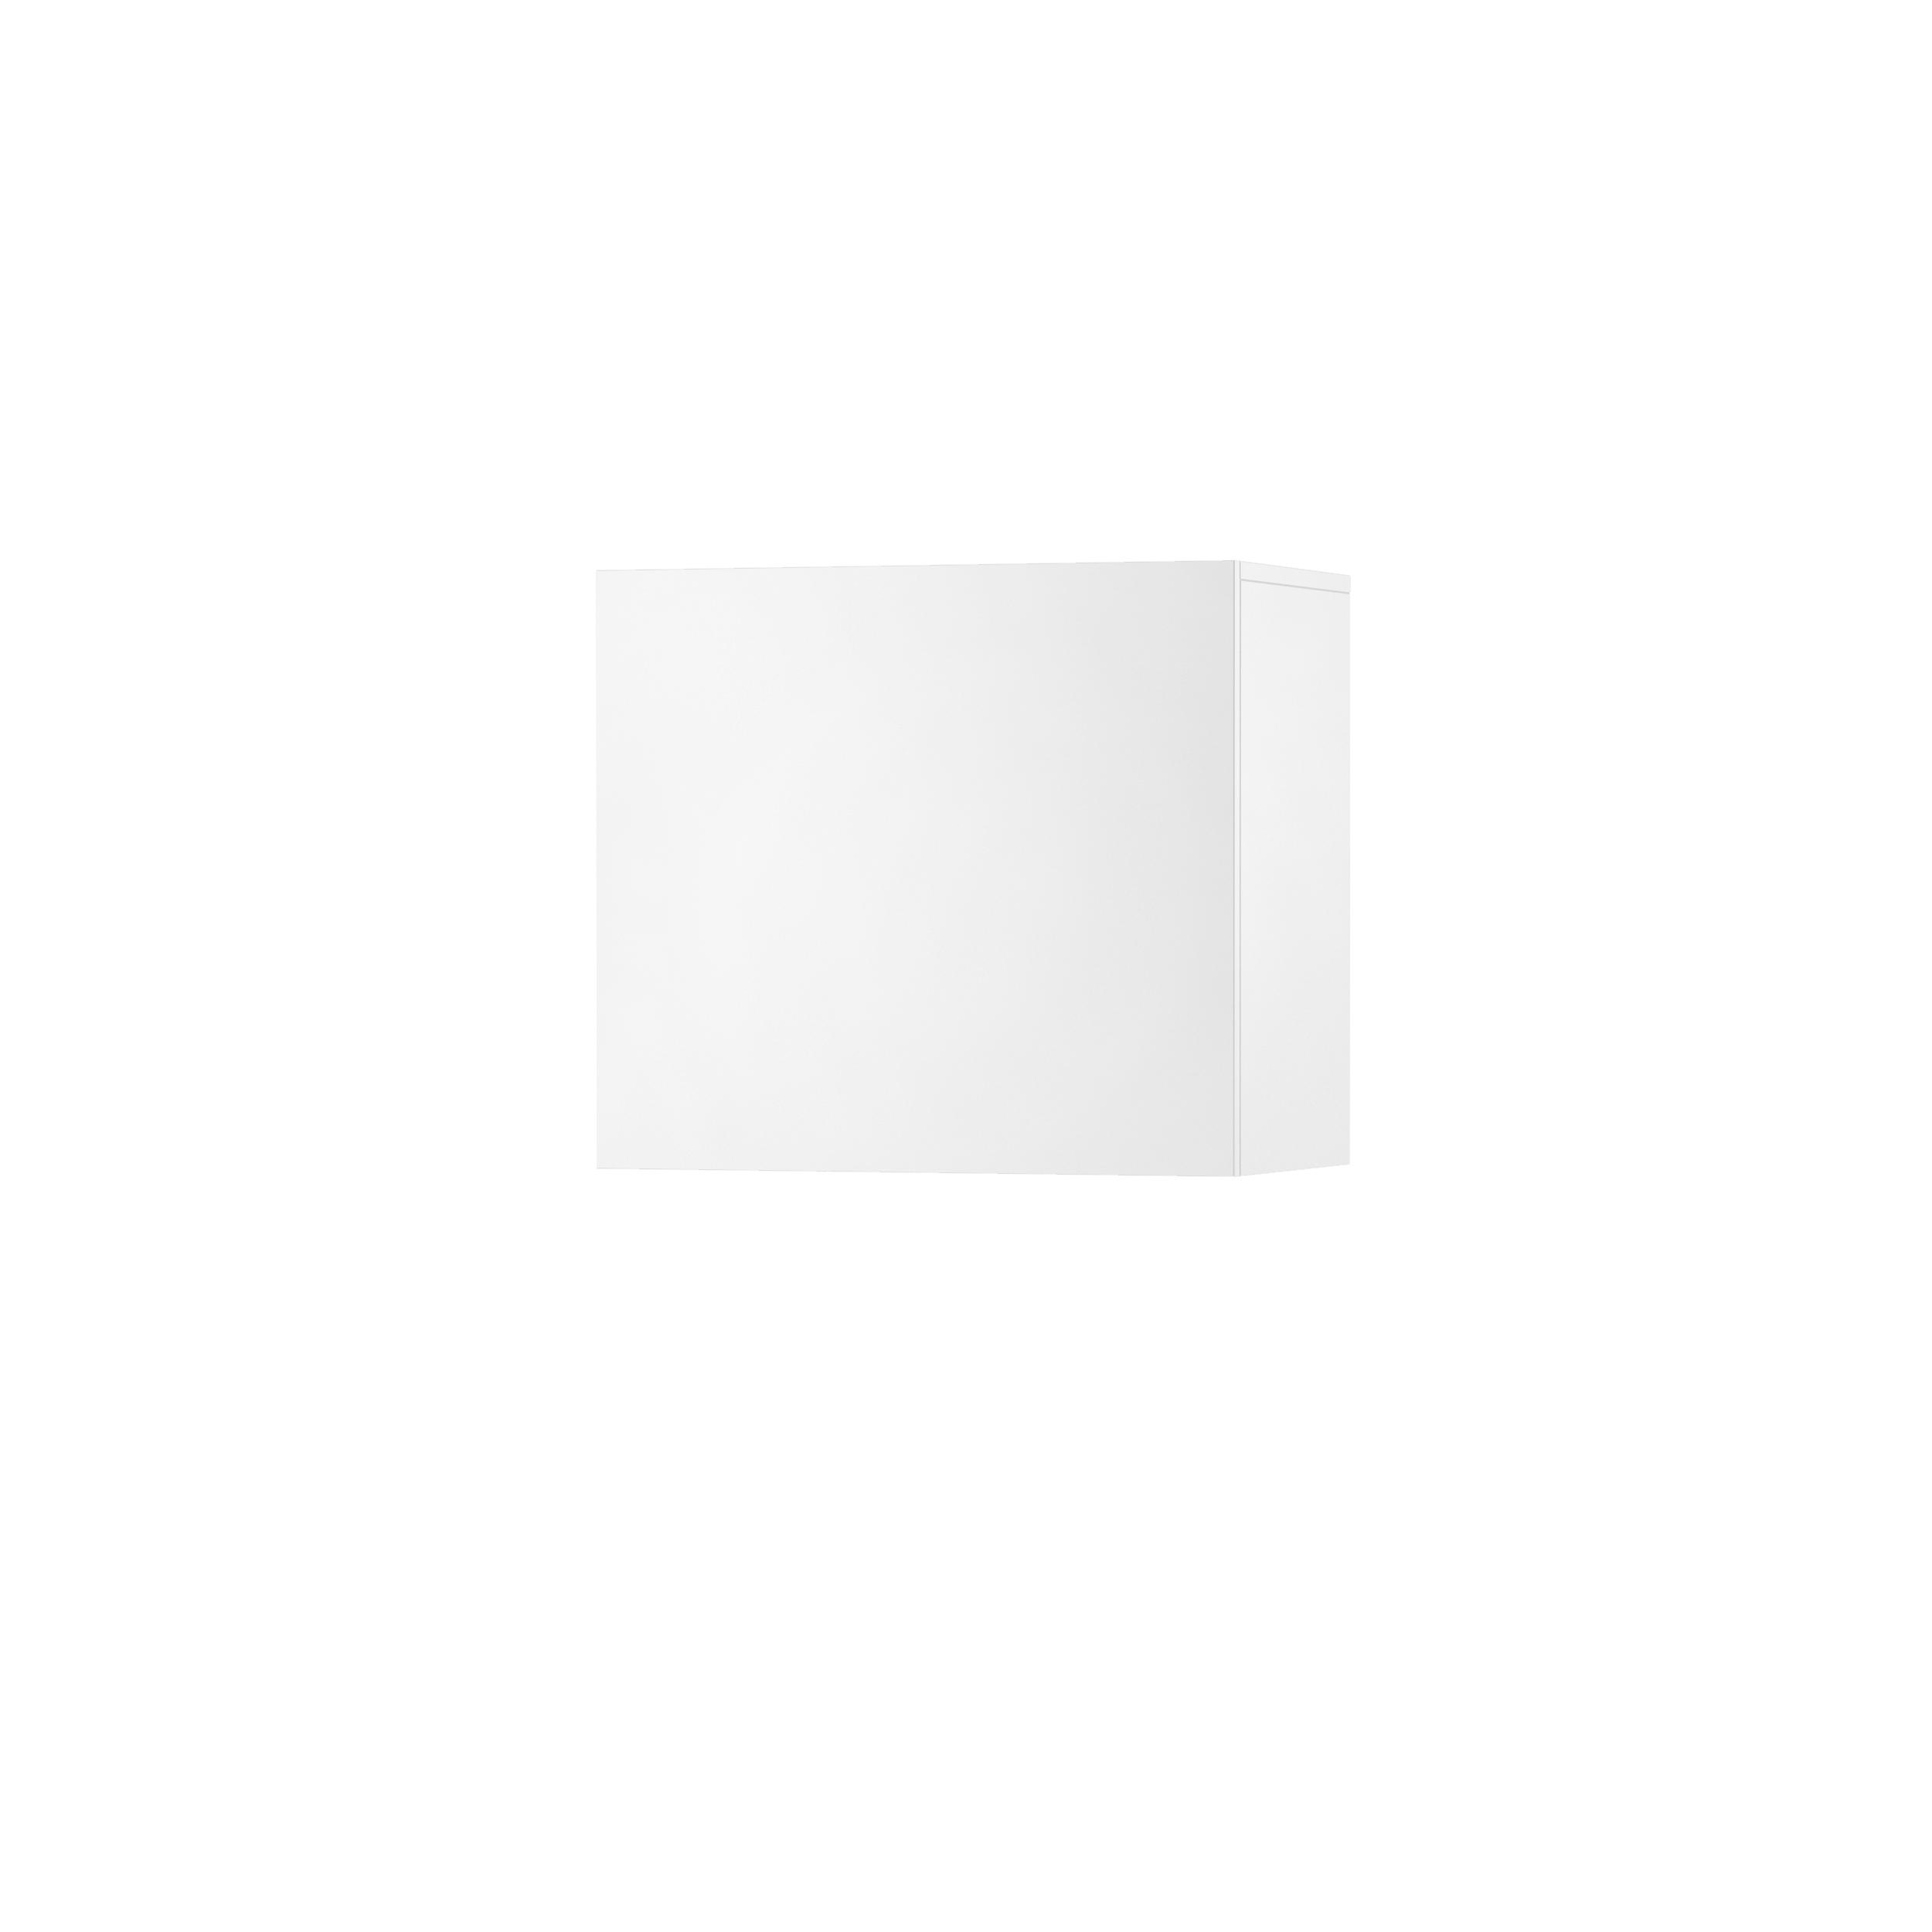 Dulap Modular Nook Wide White  L65xl37xh58 Cm